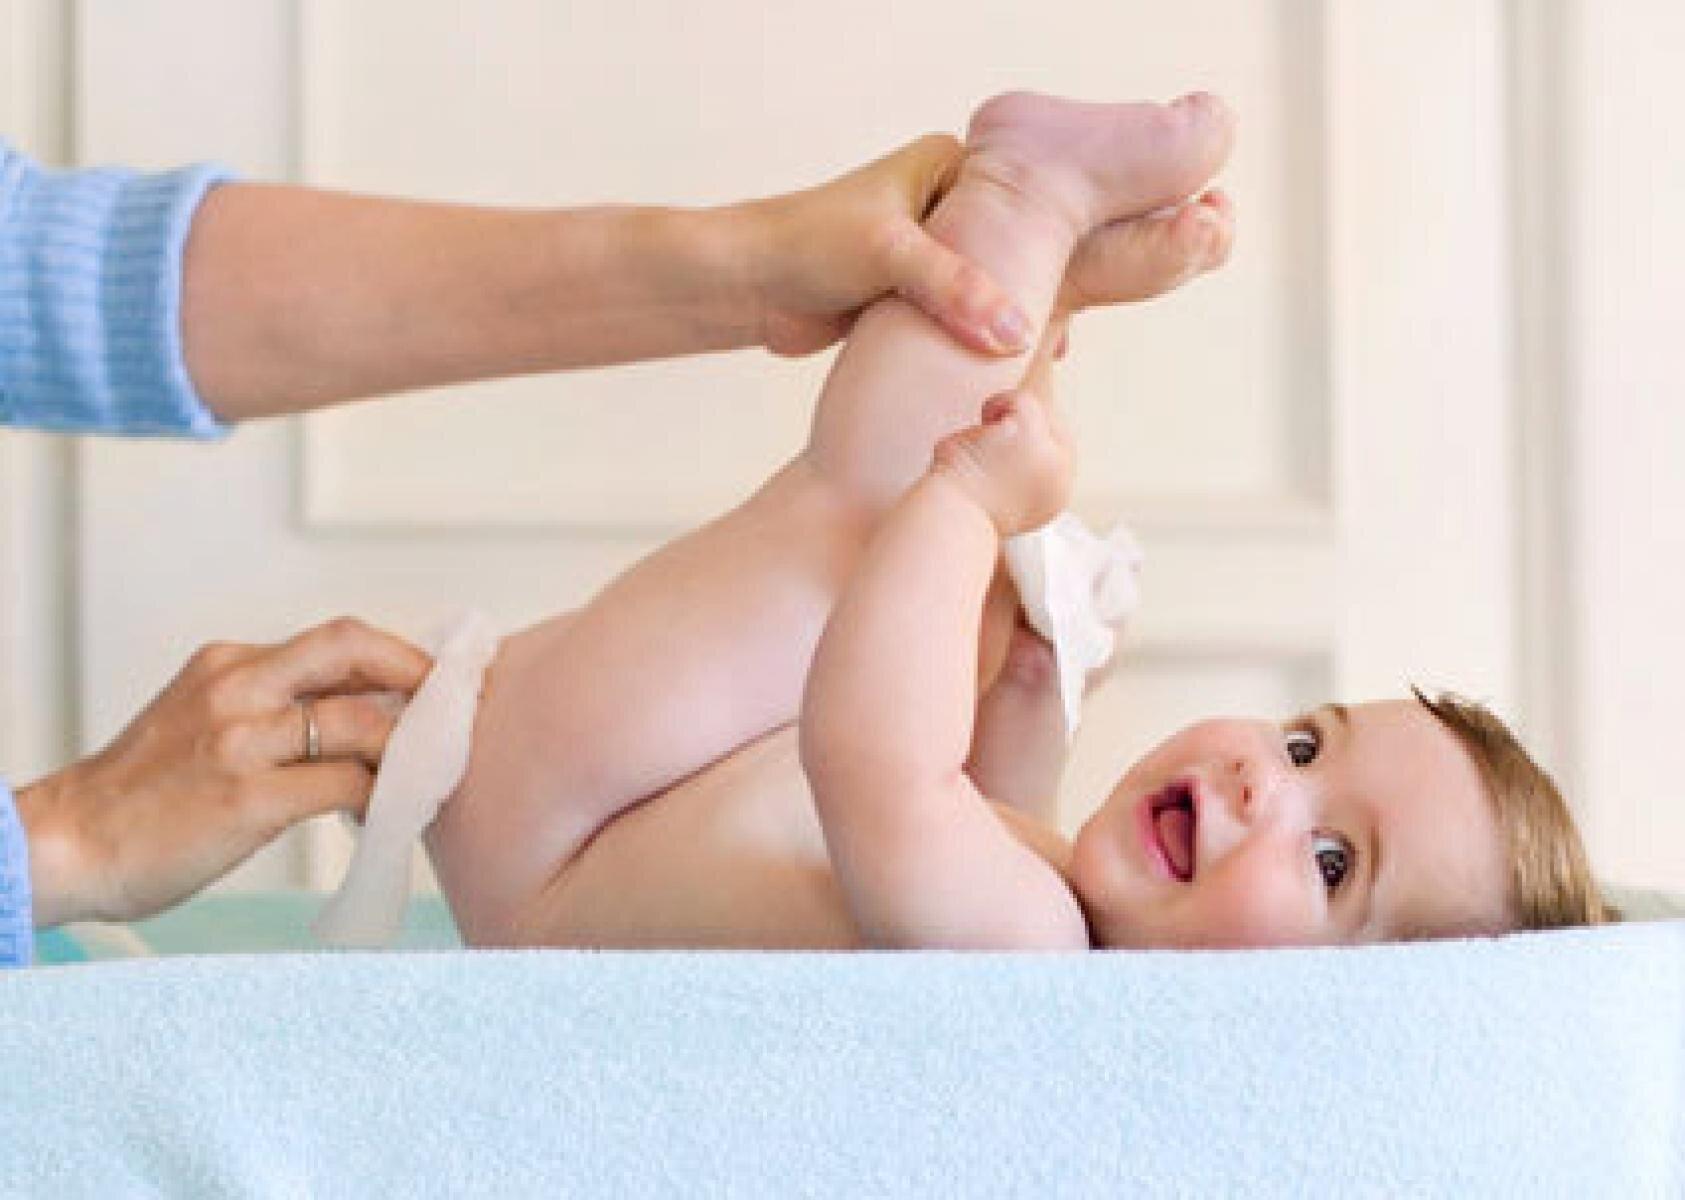 Vệ sinh sạch sẽ trước khi bôi kem chống hăm cho bé